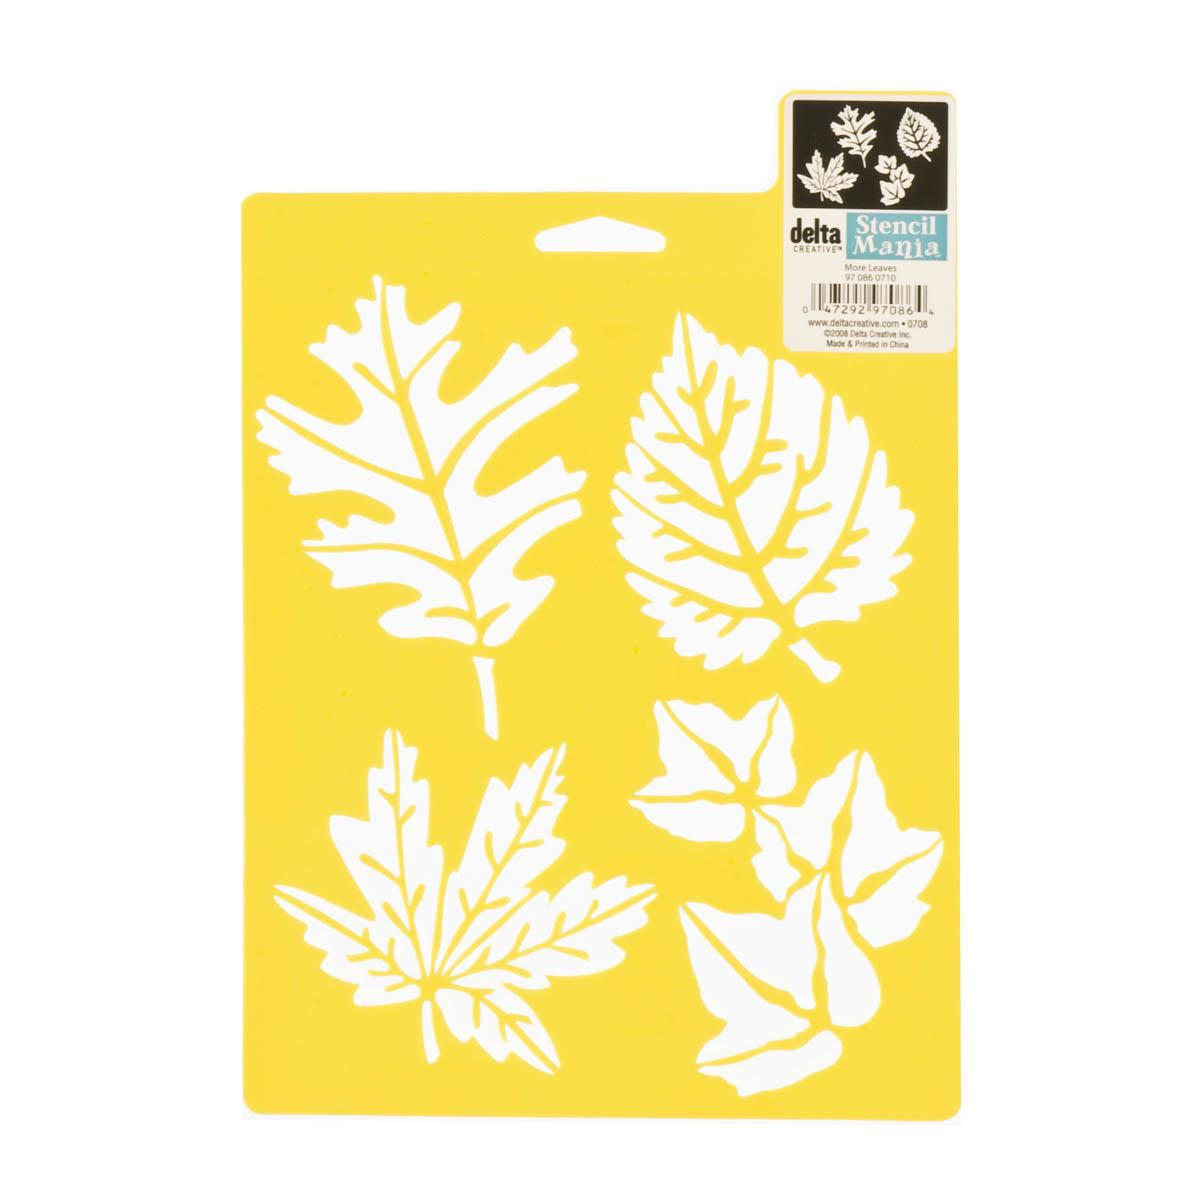 Delta Stencil Mania™ - More Leaves